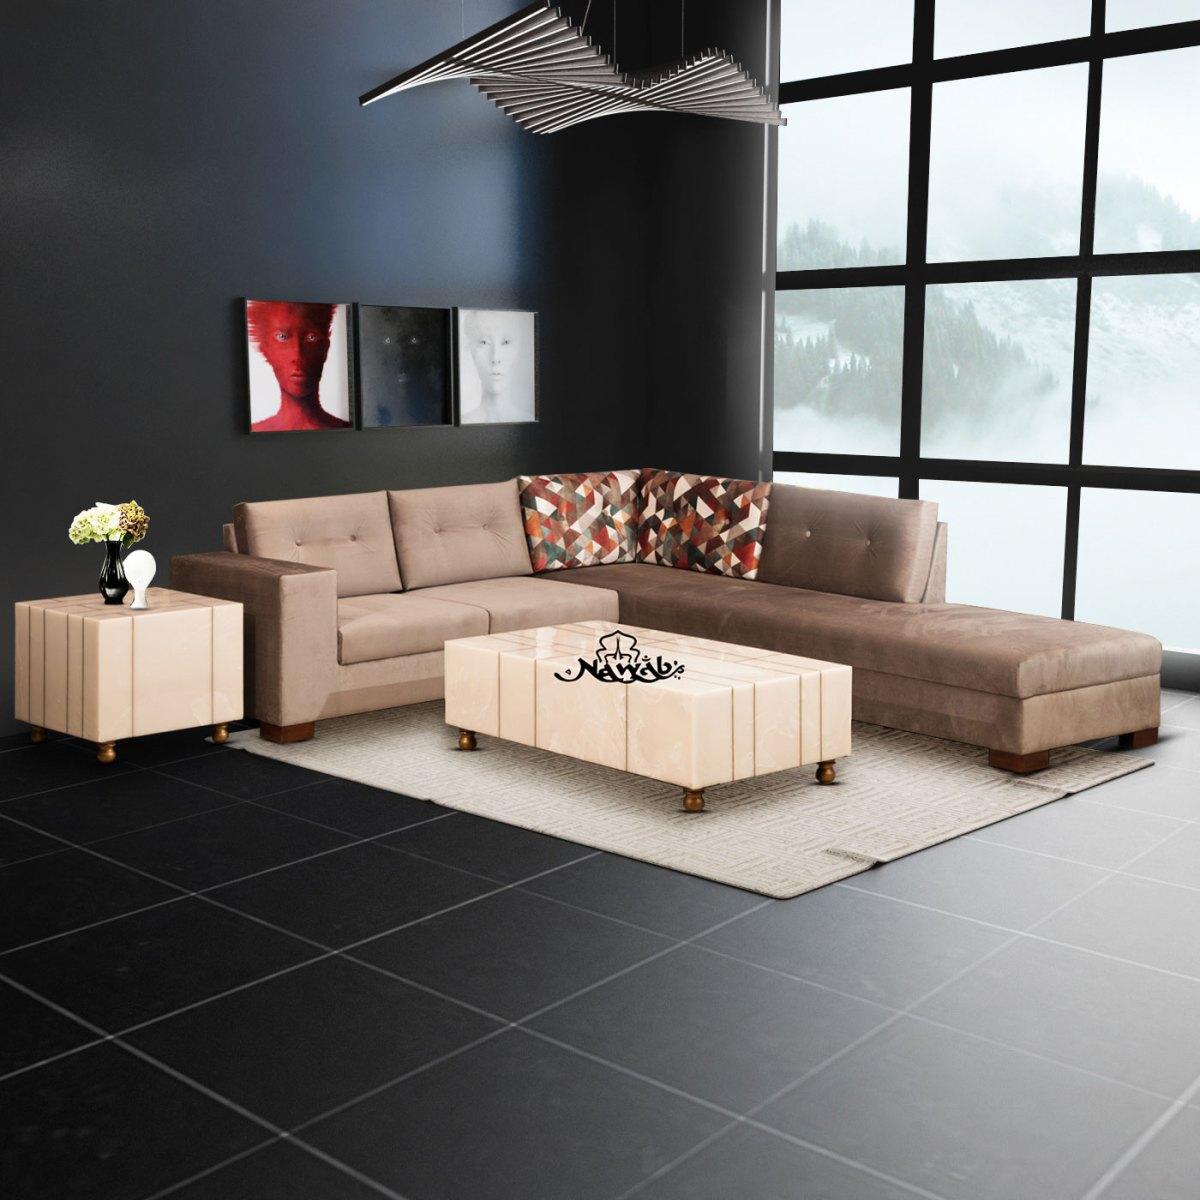 Velvet-fabric-wooden-frame-with-foam-padding-teak-wood-legs-background